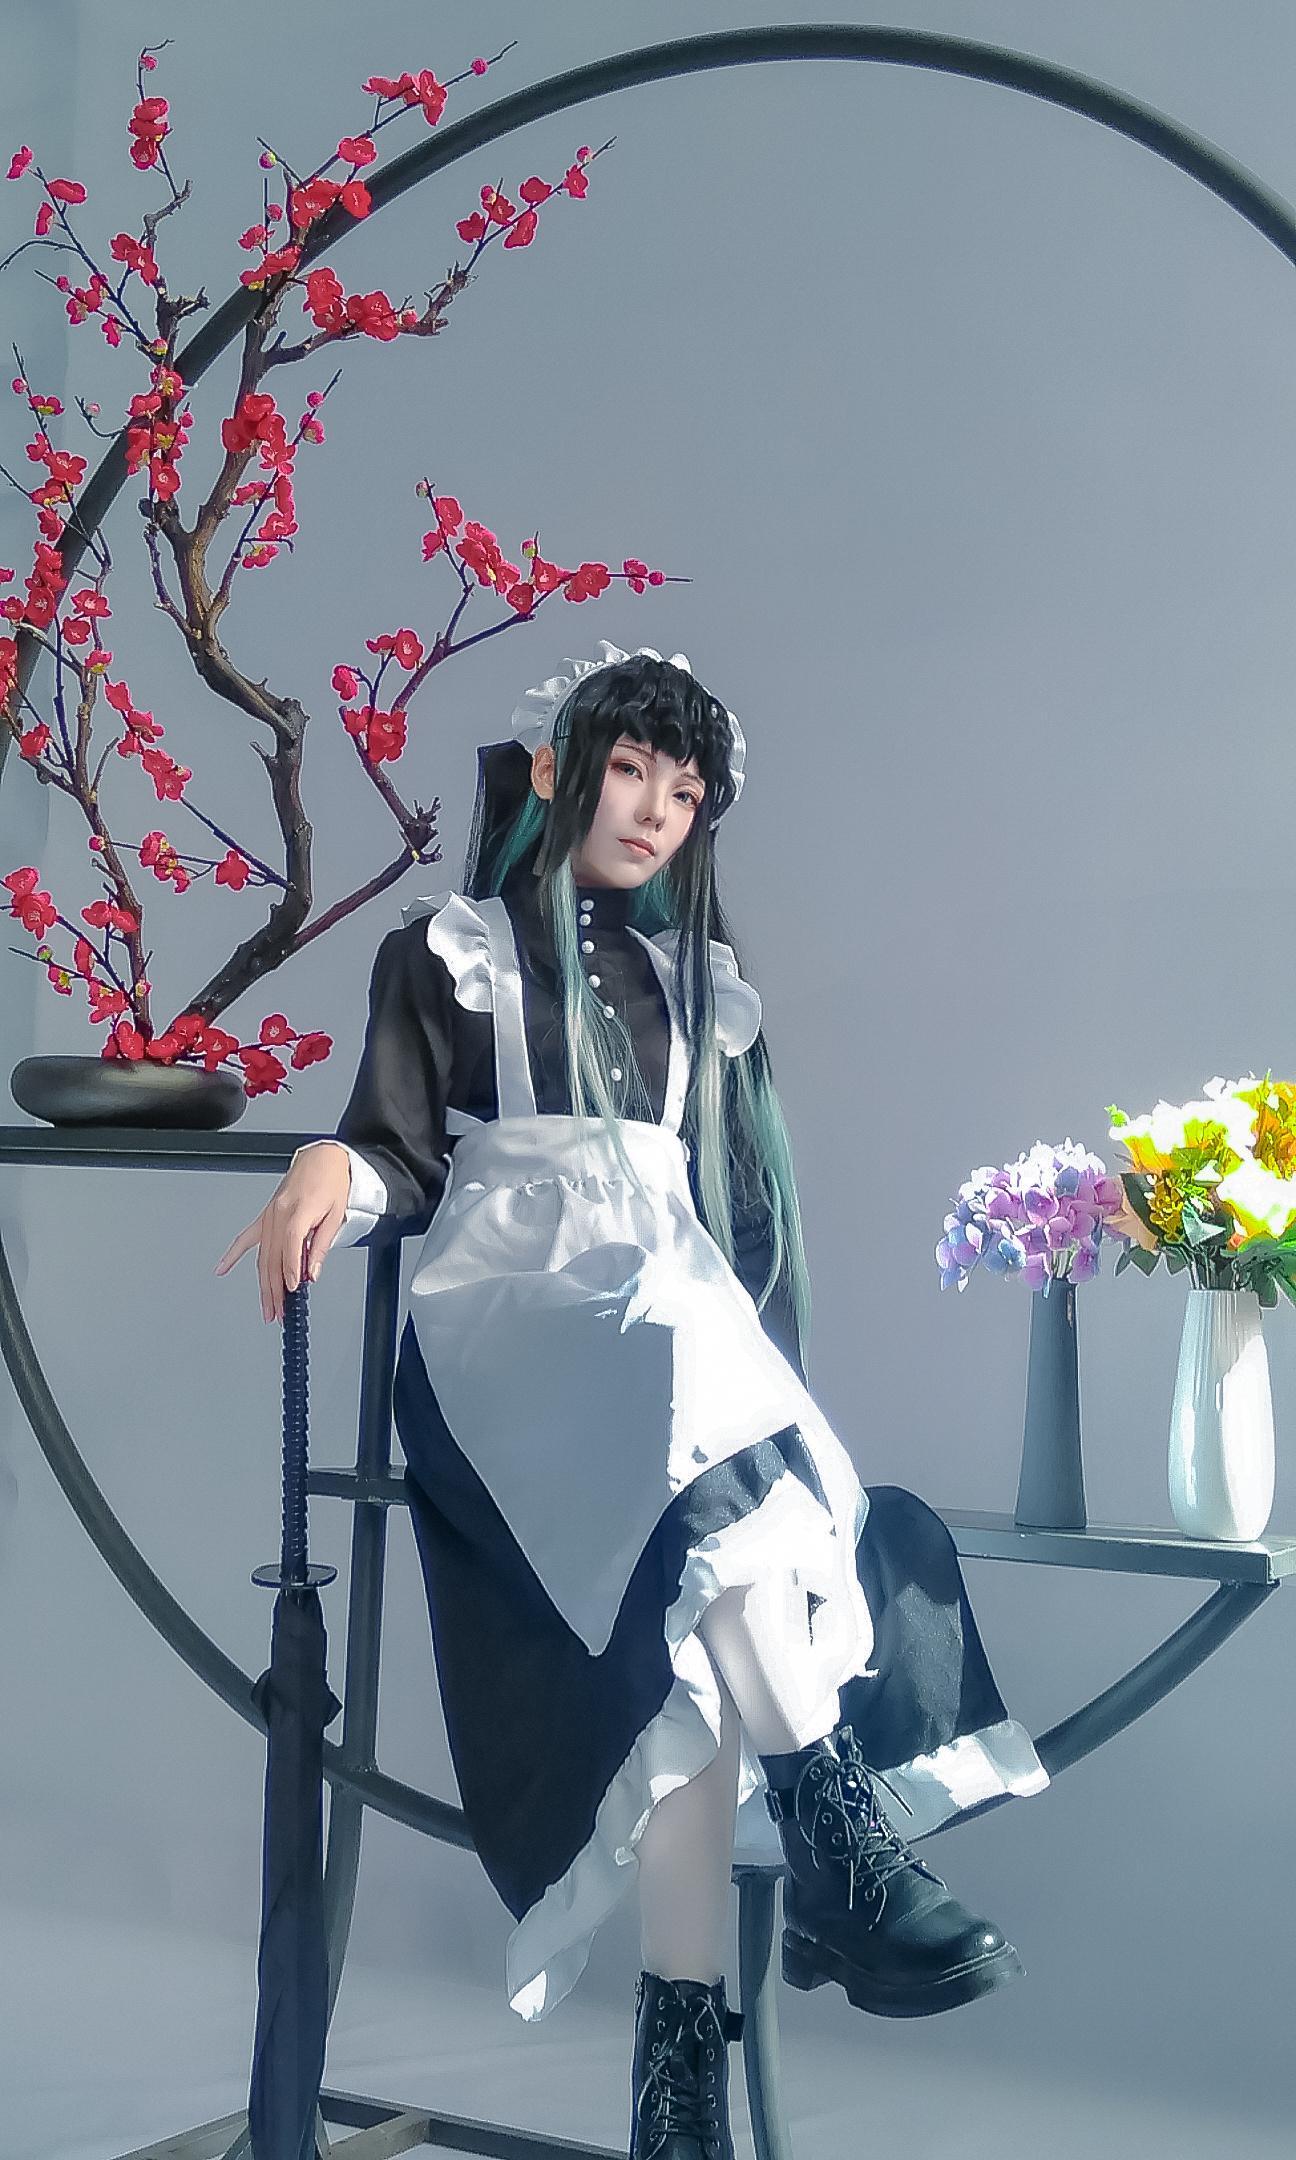 《鬼灭之刃》鬼灭之刃时透无一郎cosplay【CN:这是一只安爷】-第2张